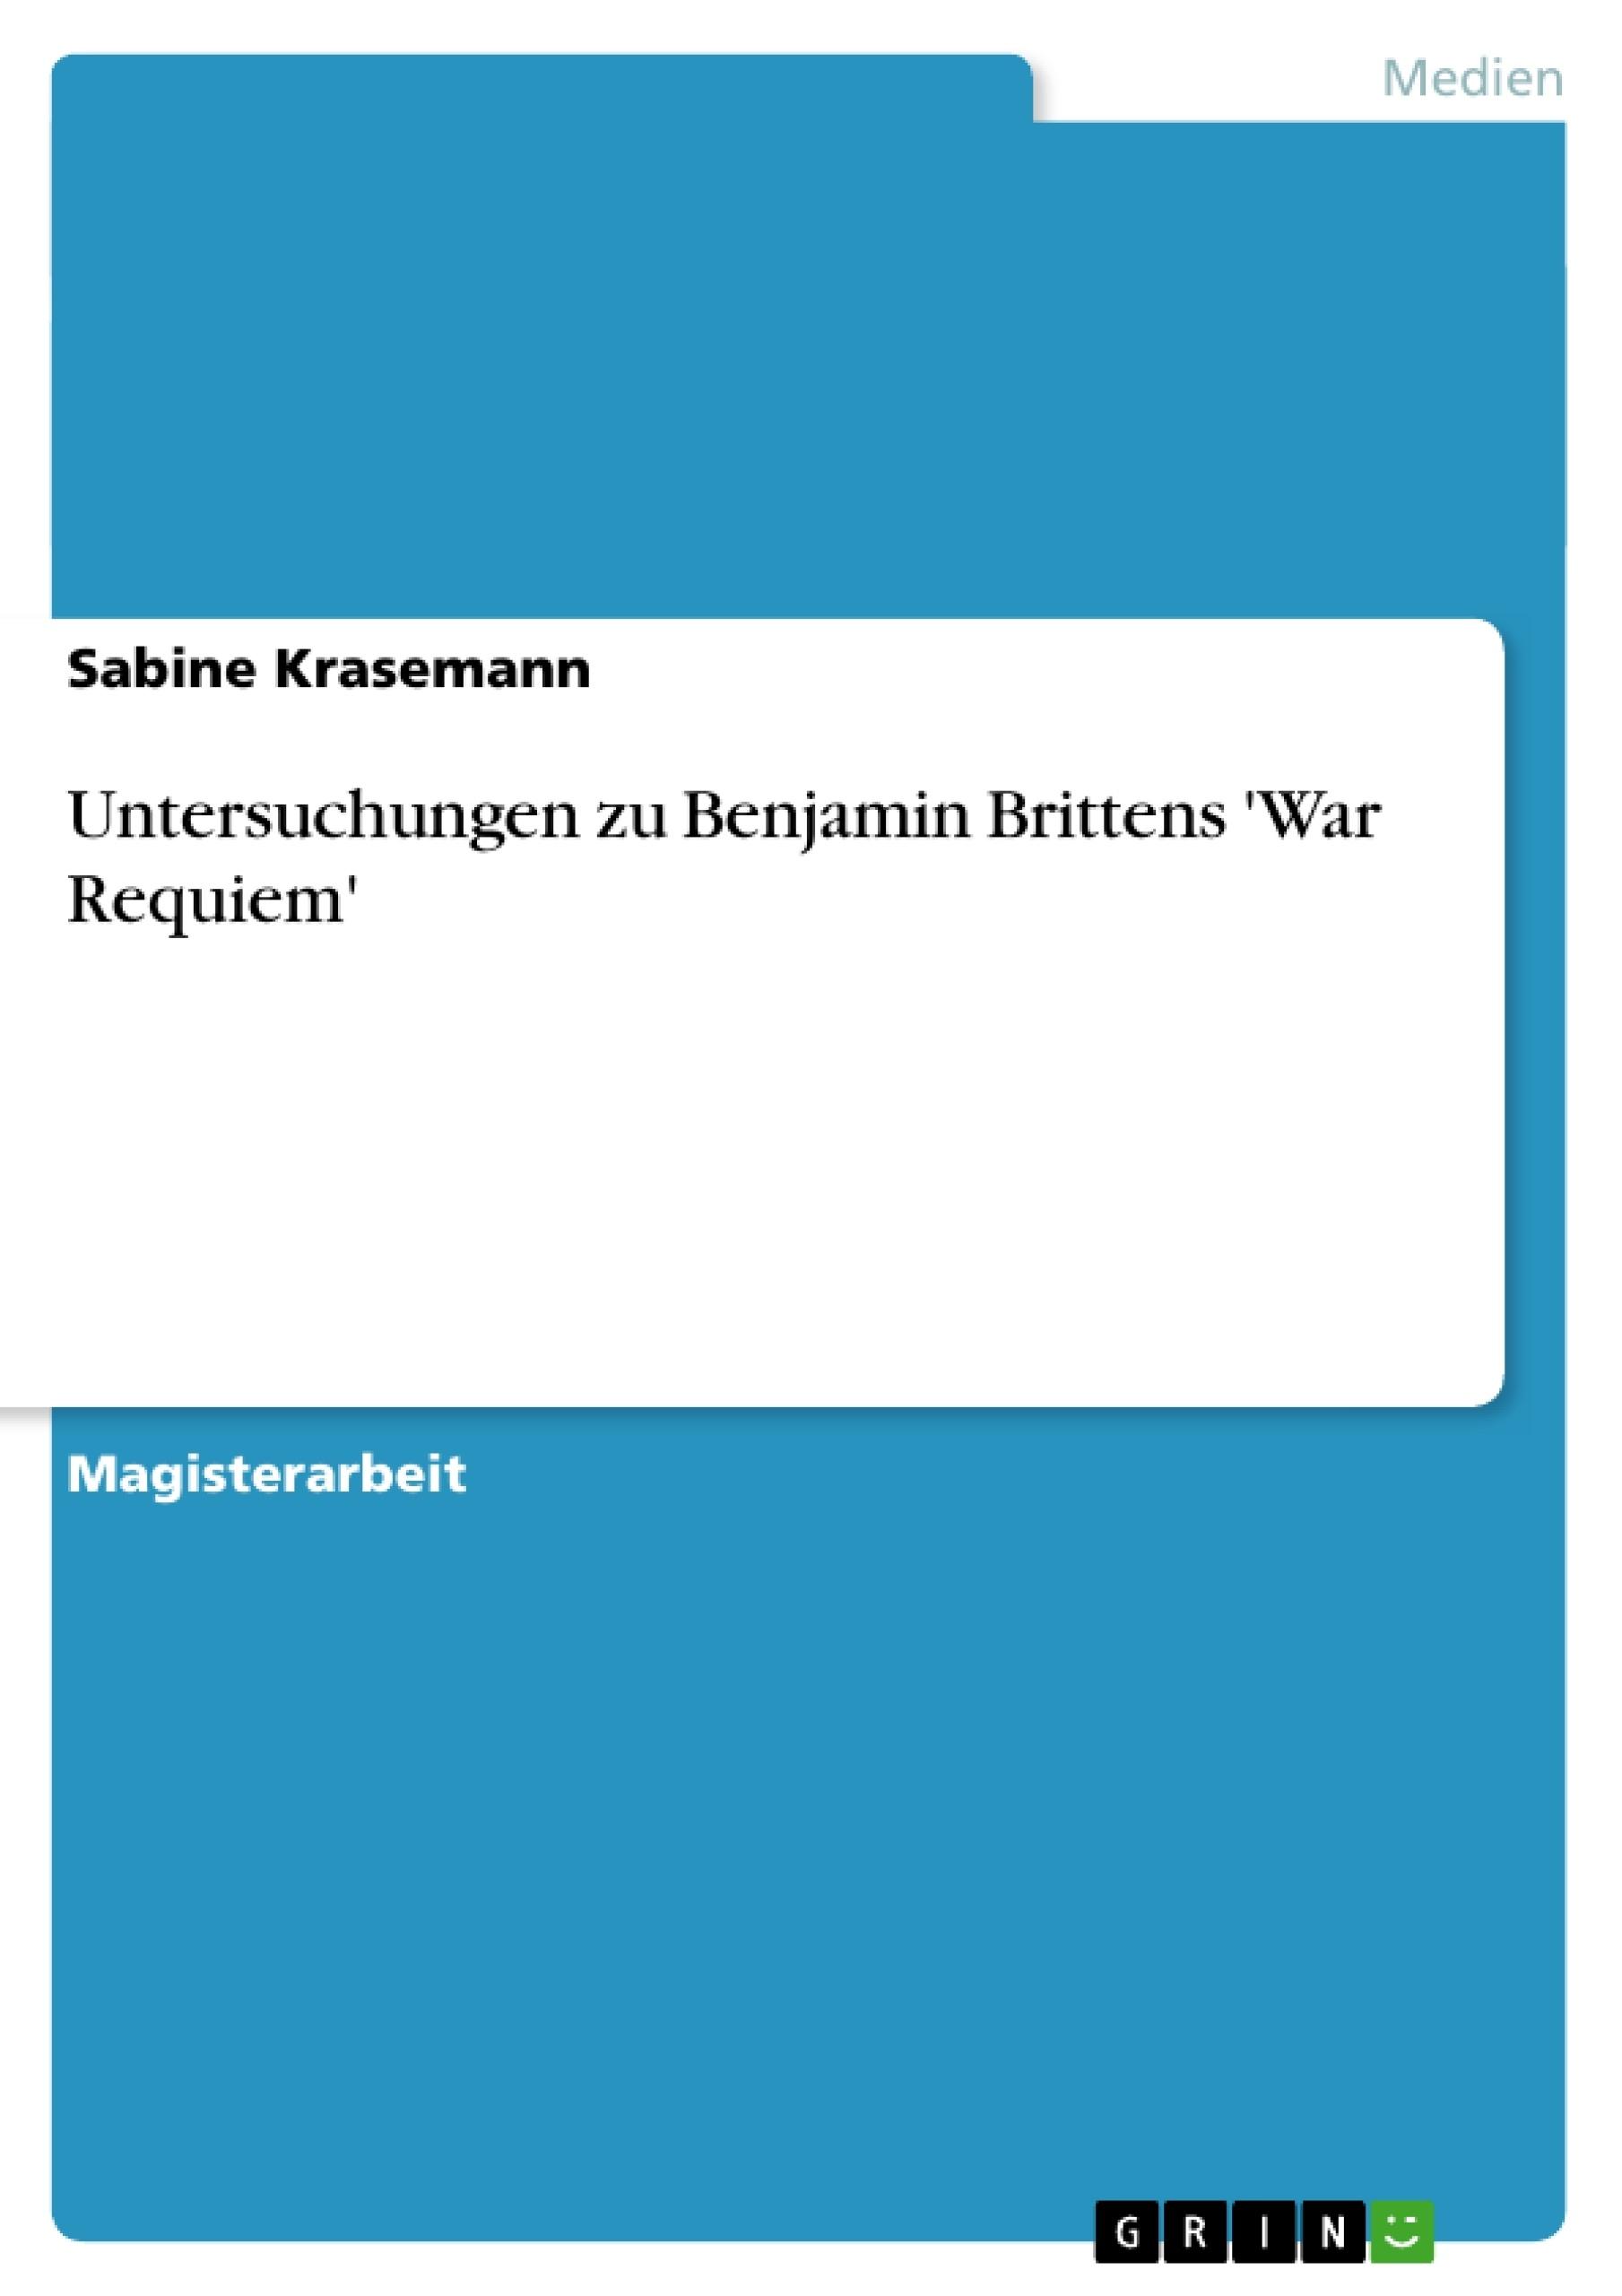 Titel: Untersuchungen zu Benjamin Brittens 'War Requiem'